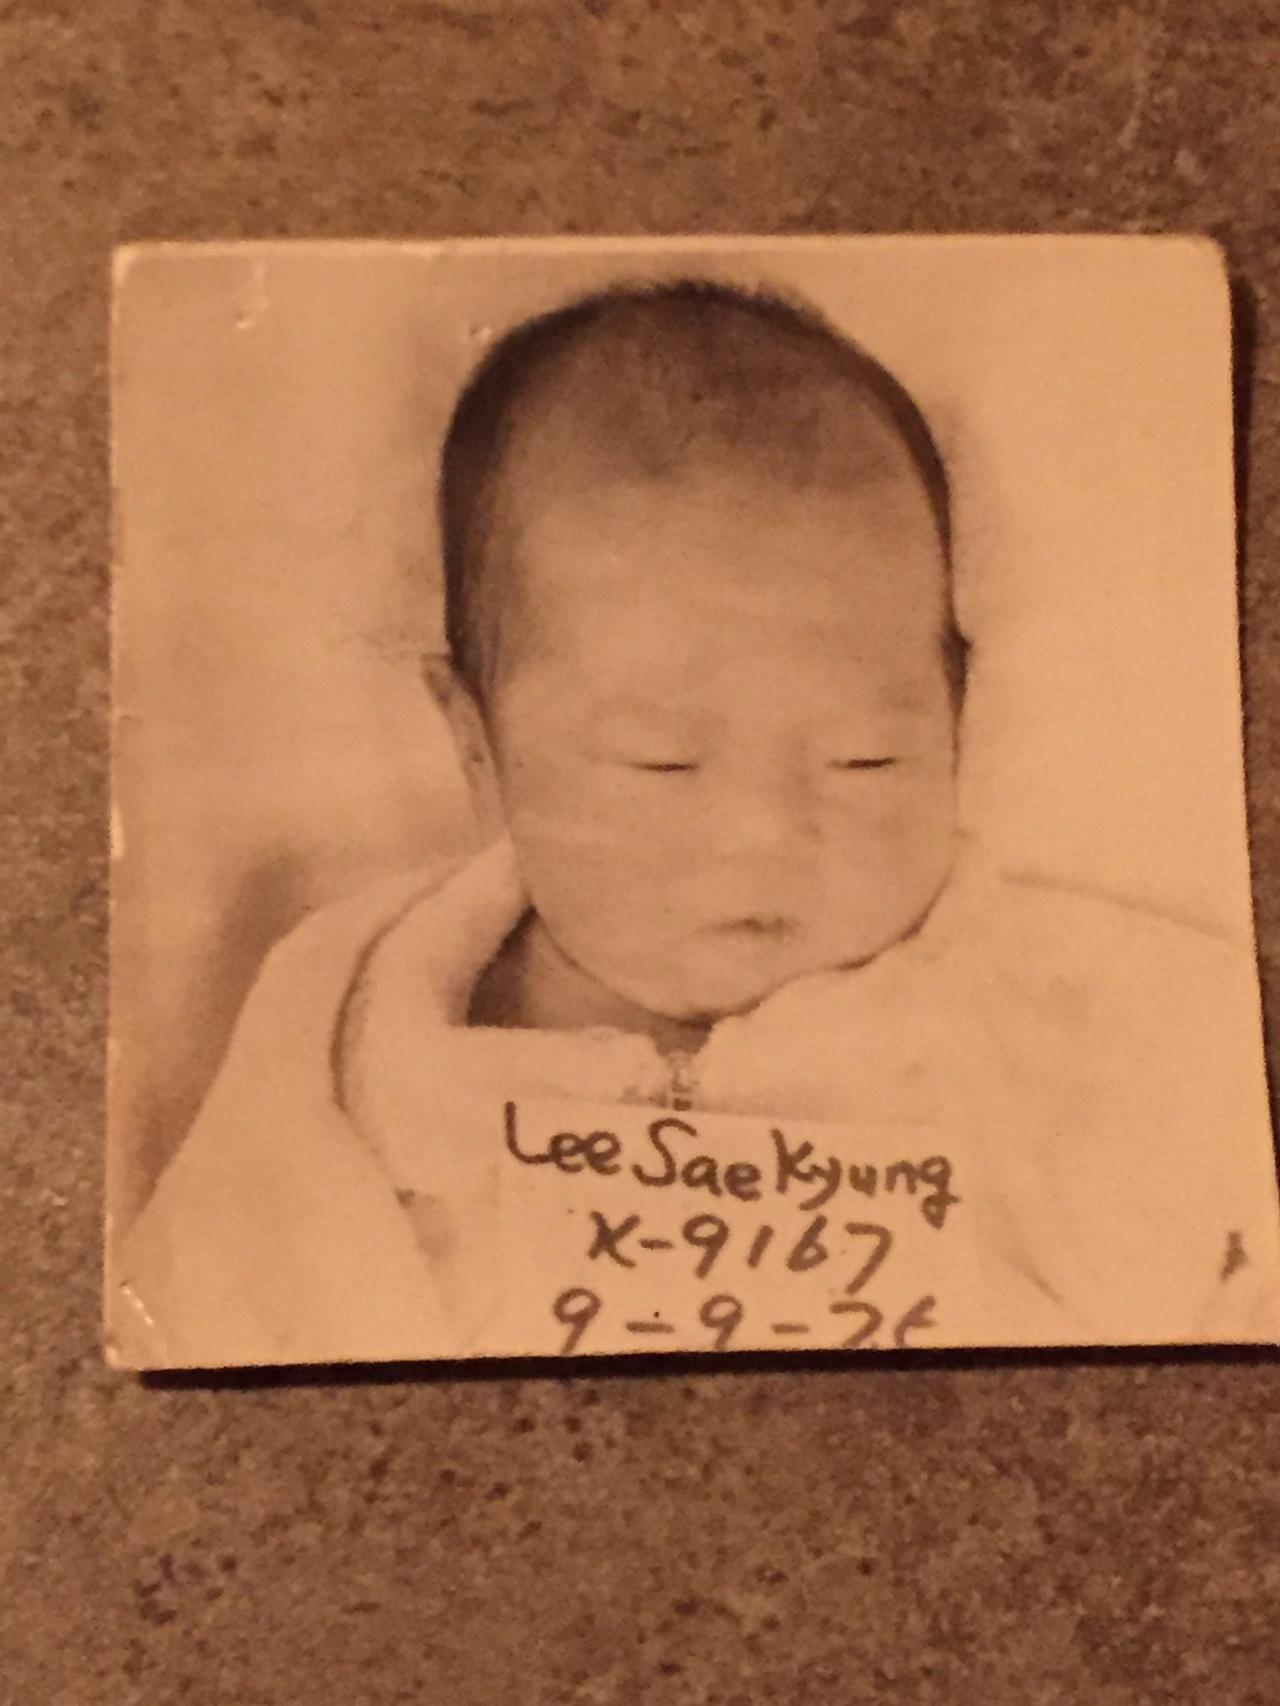 입양 당시 로빈 레이 멕케이 로빈 레이 멕케이는 생후 3개월에 미국으로 입양되었다